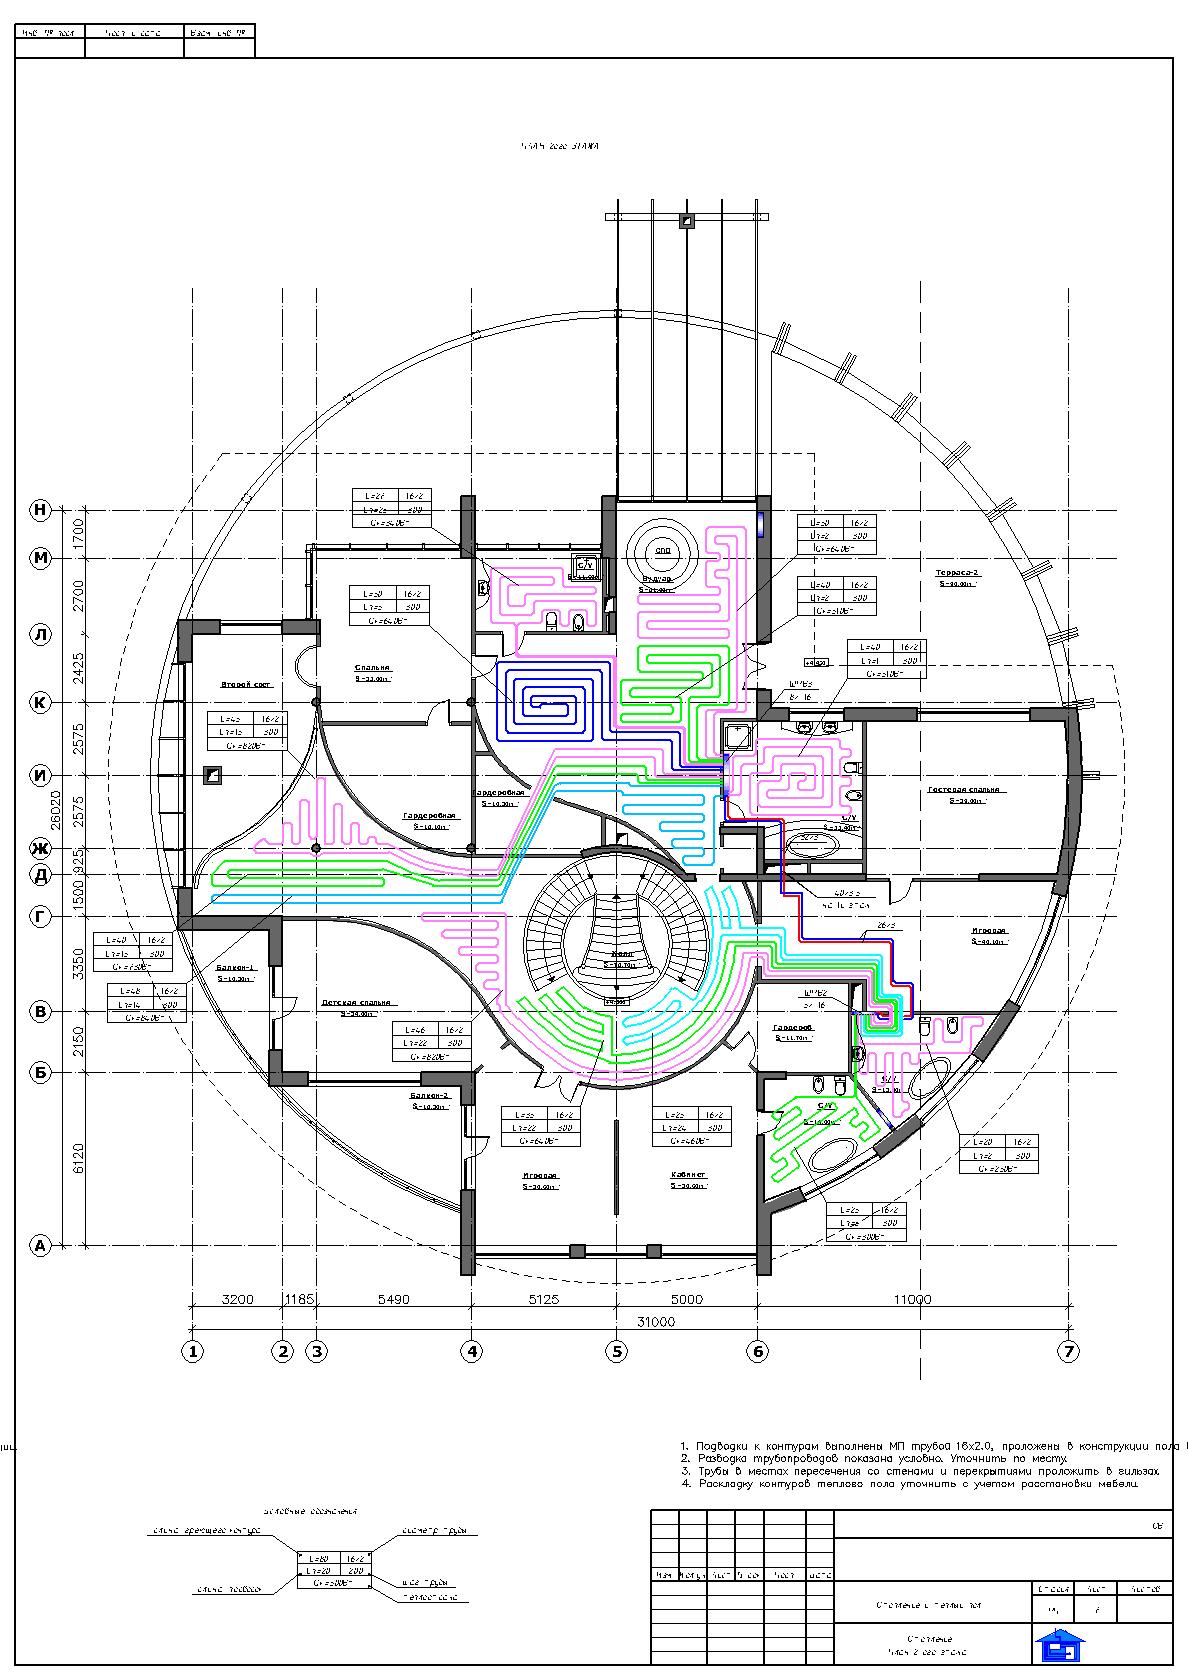 Геодезическая схема dwg